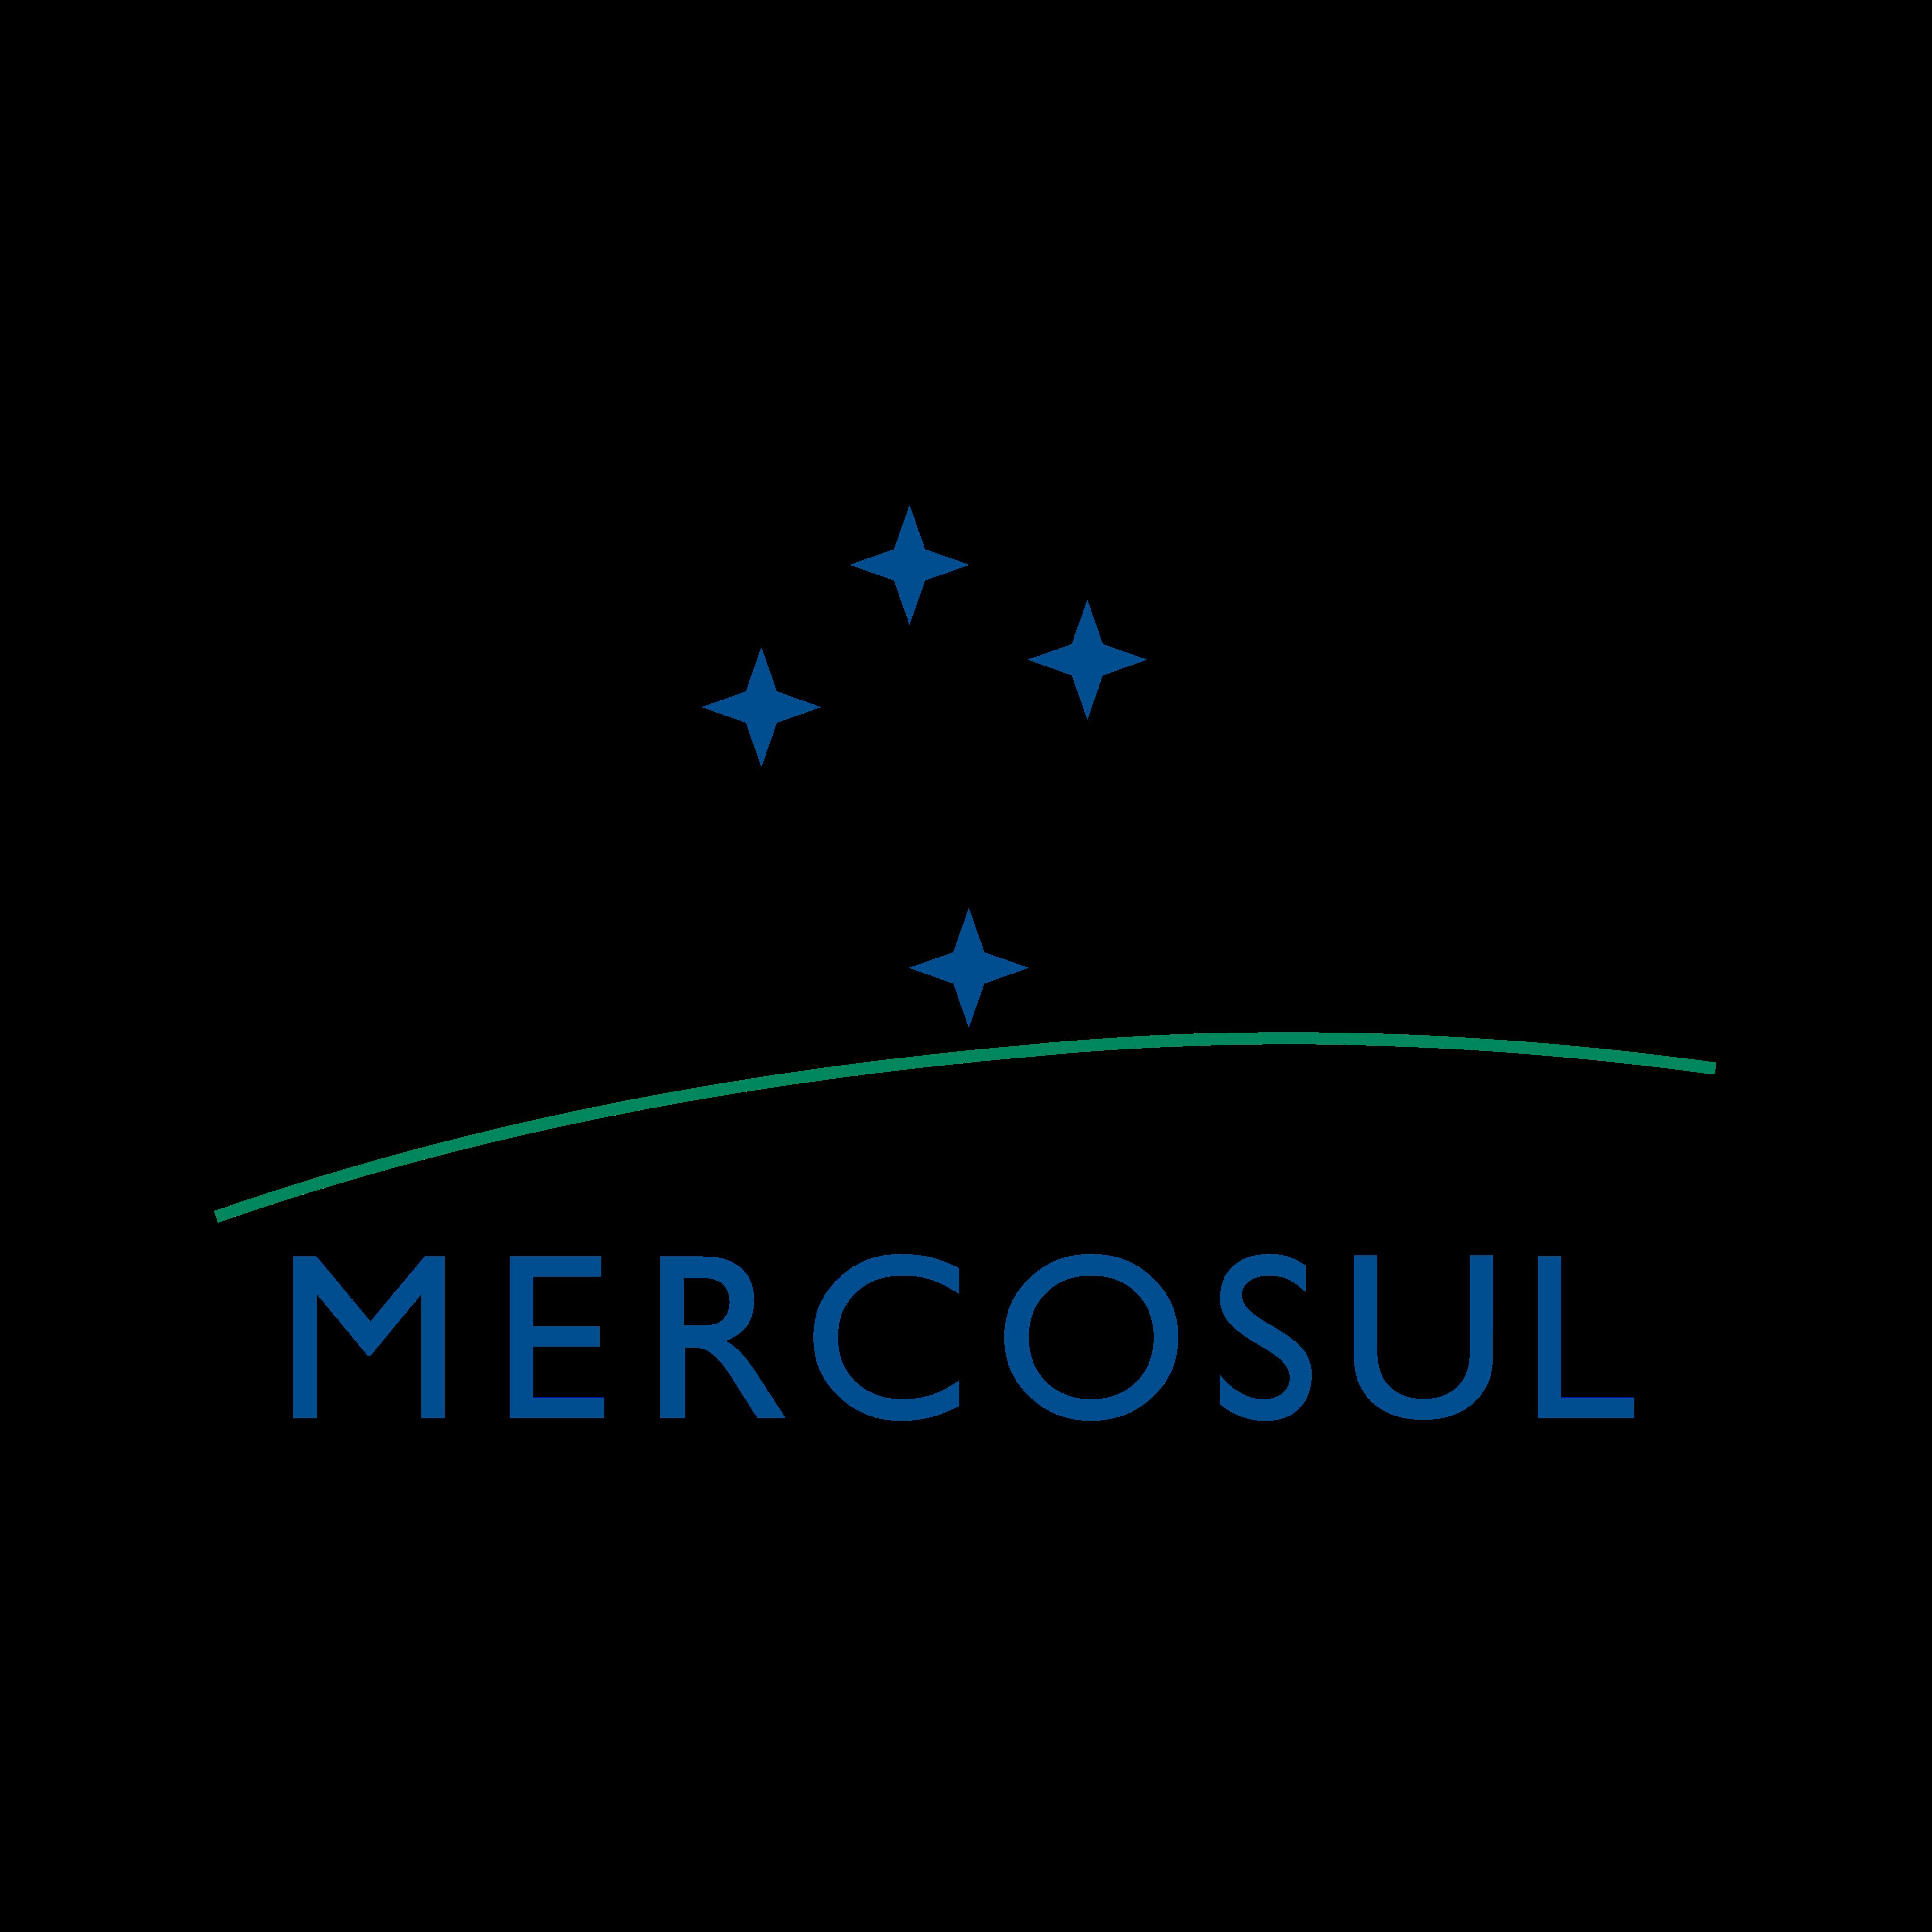 mercosul-logo-0